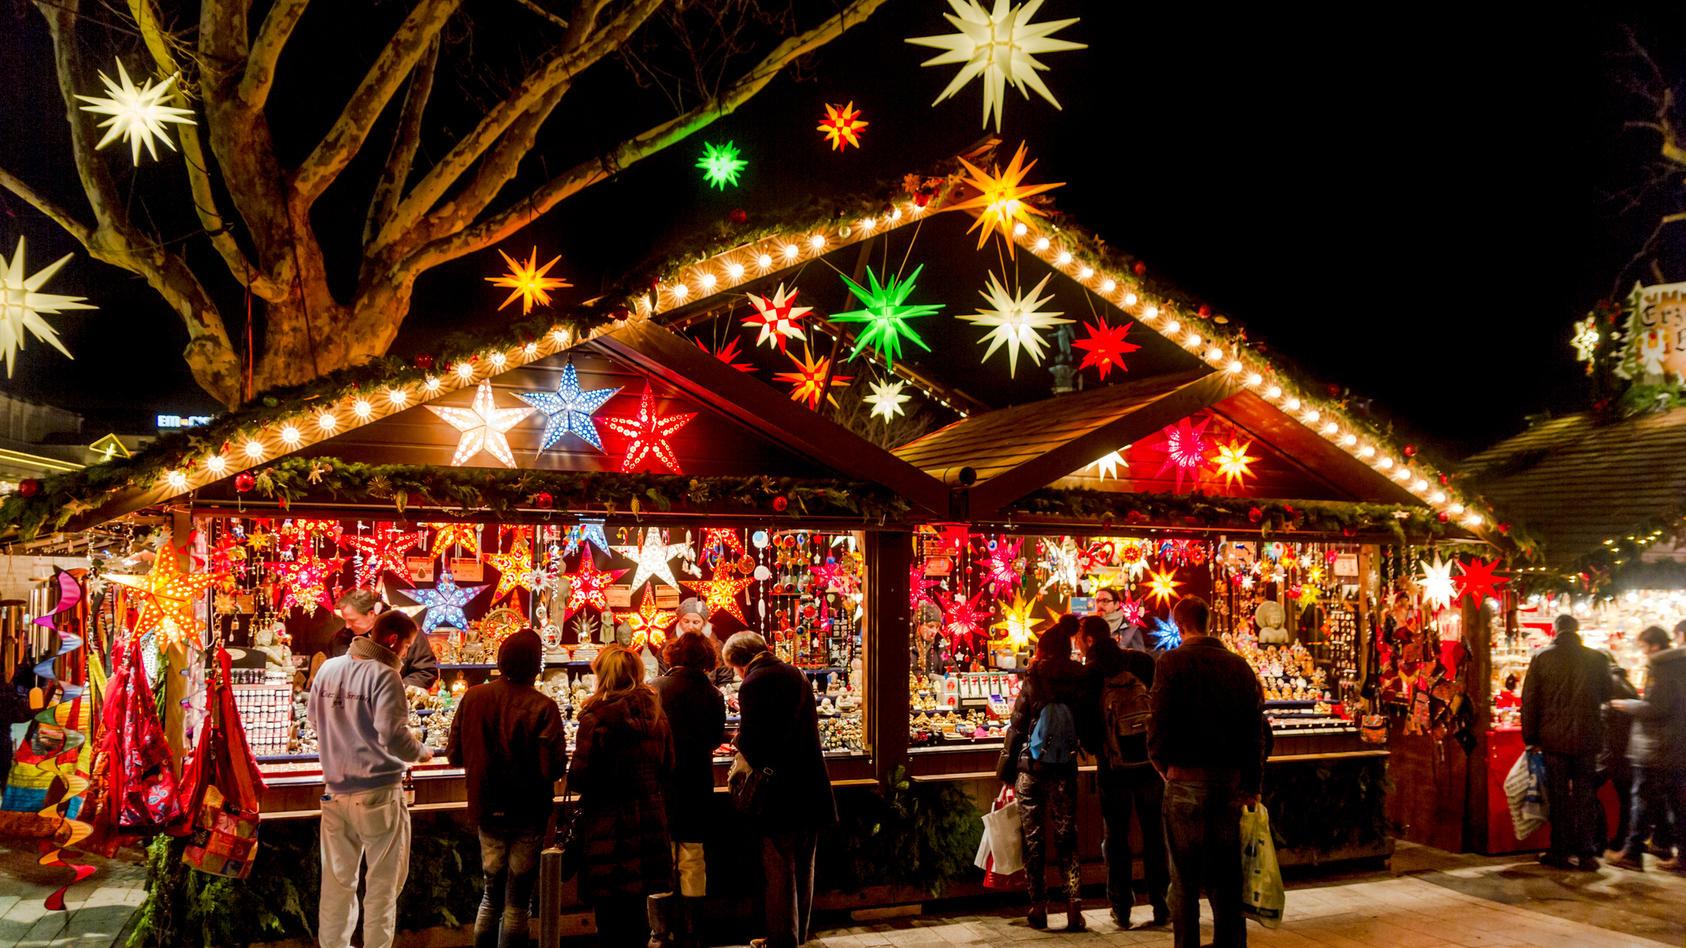 Werden Weihnachtsmärkte in Deutschland 2020 trotz Corona-Krise stattfinden?